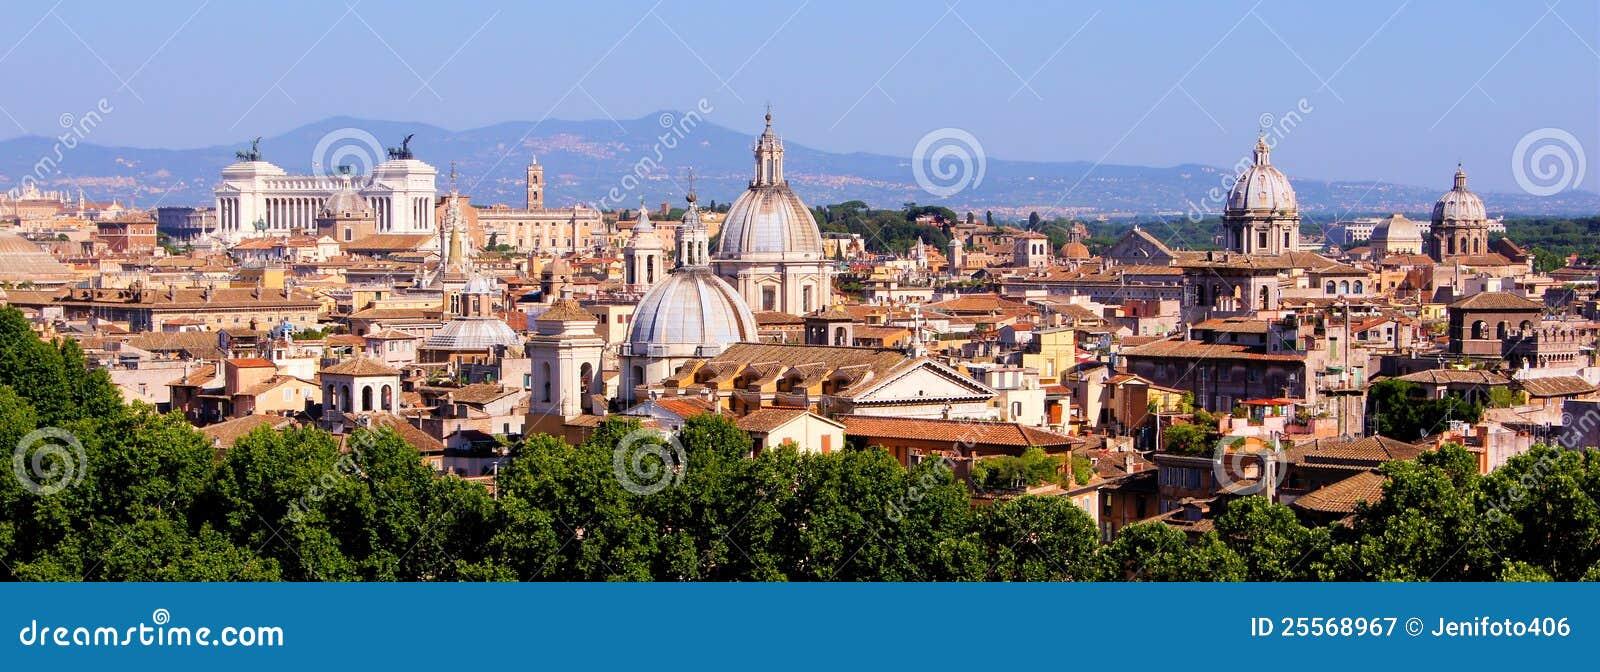 Paysage Urbain Panoramique De Rome Photographie Stock